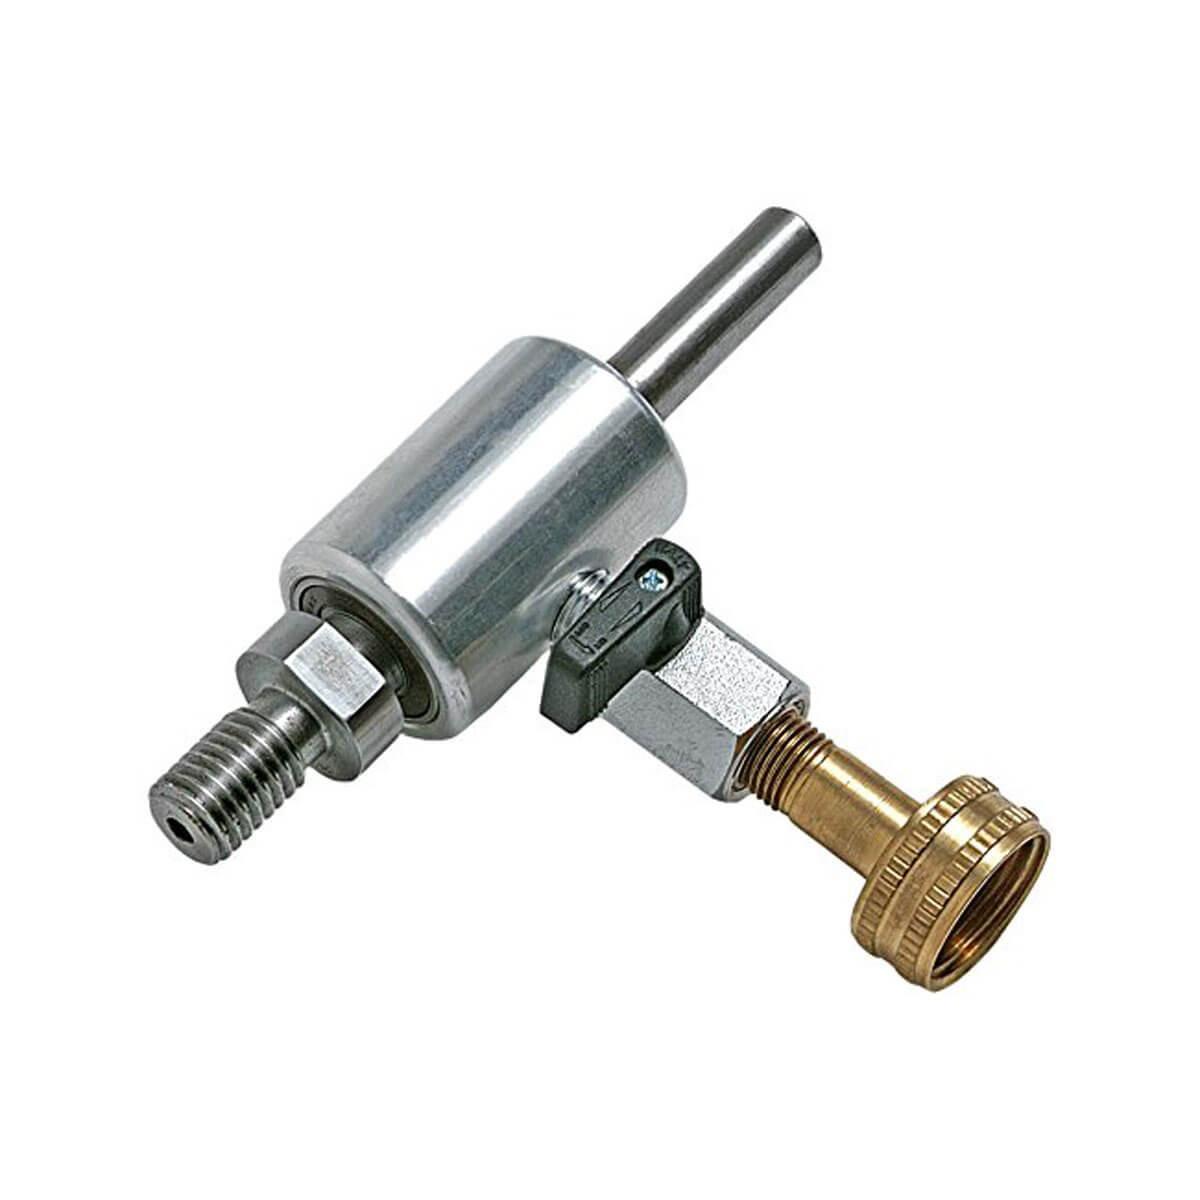 156515 MK Water Swivel 3/4